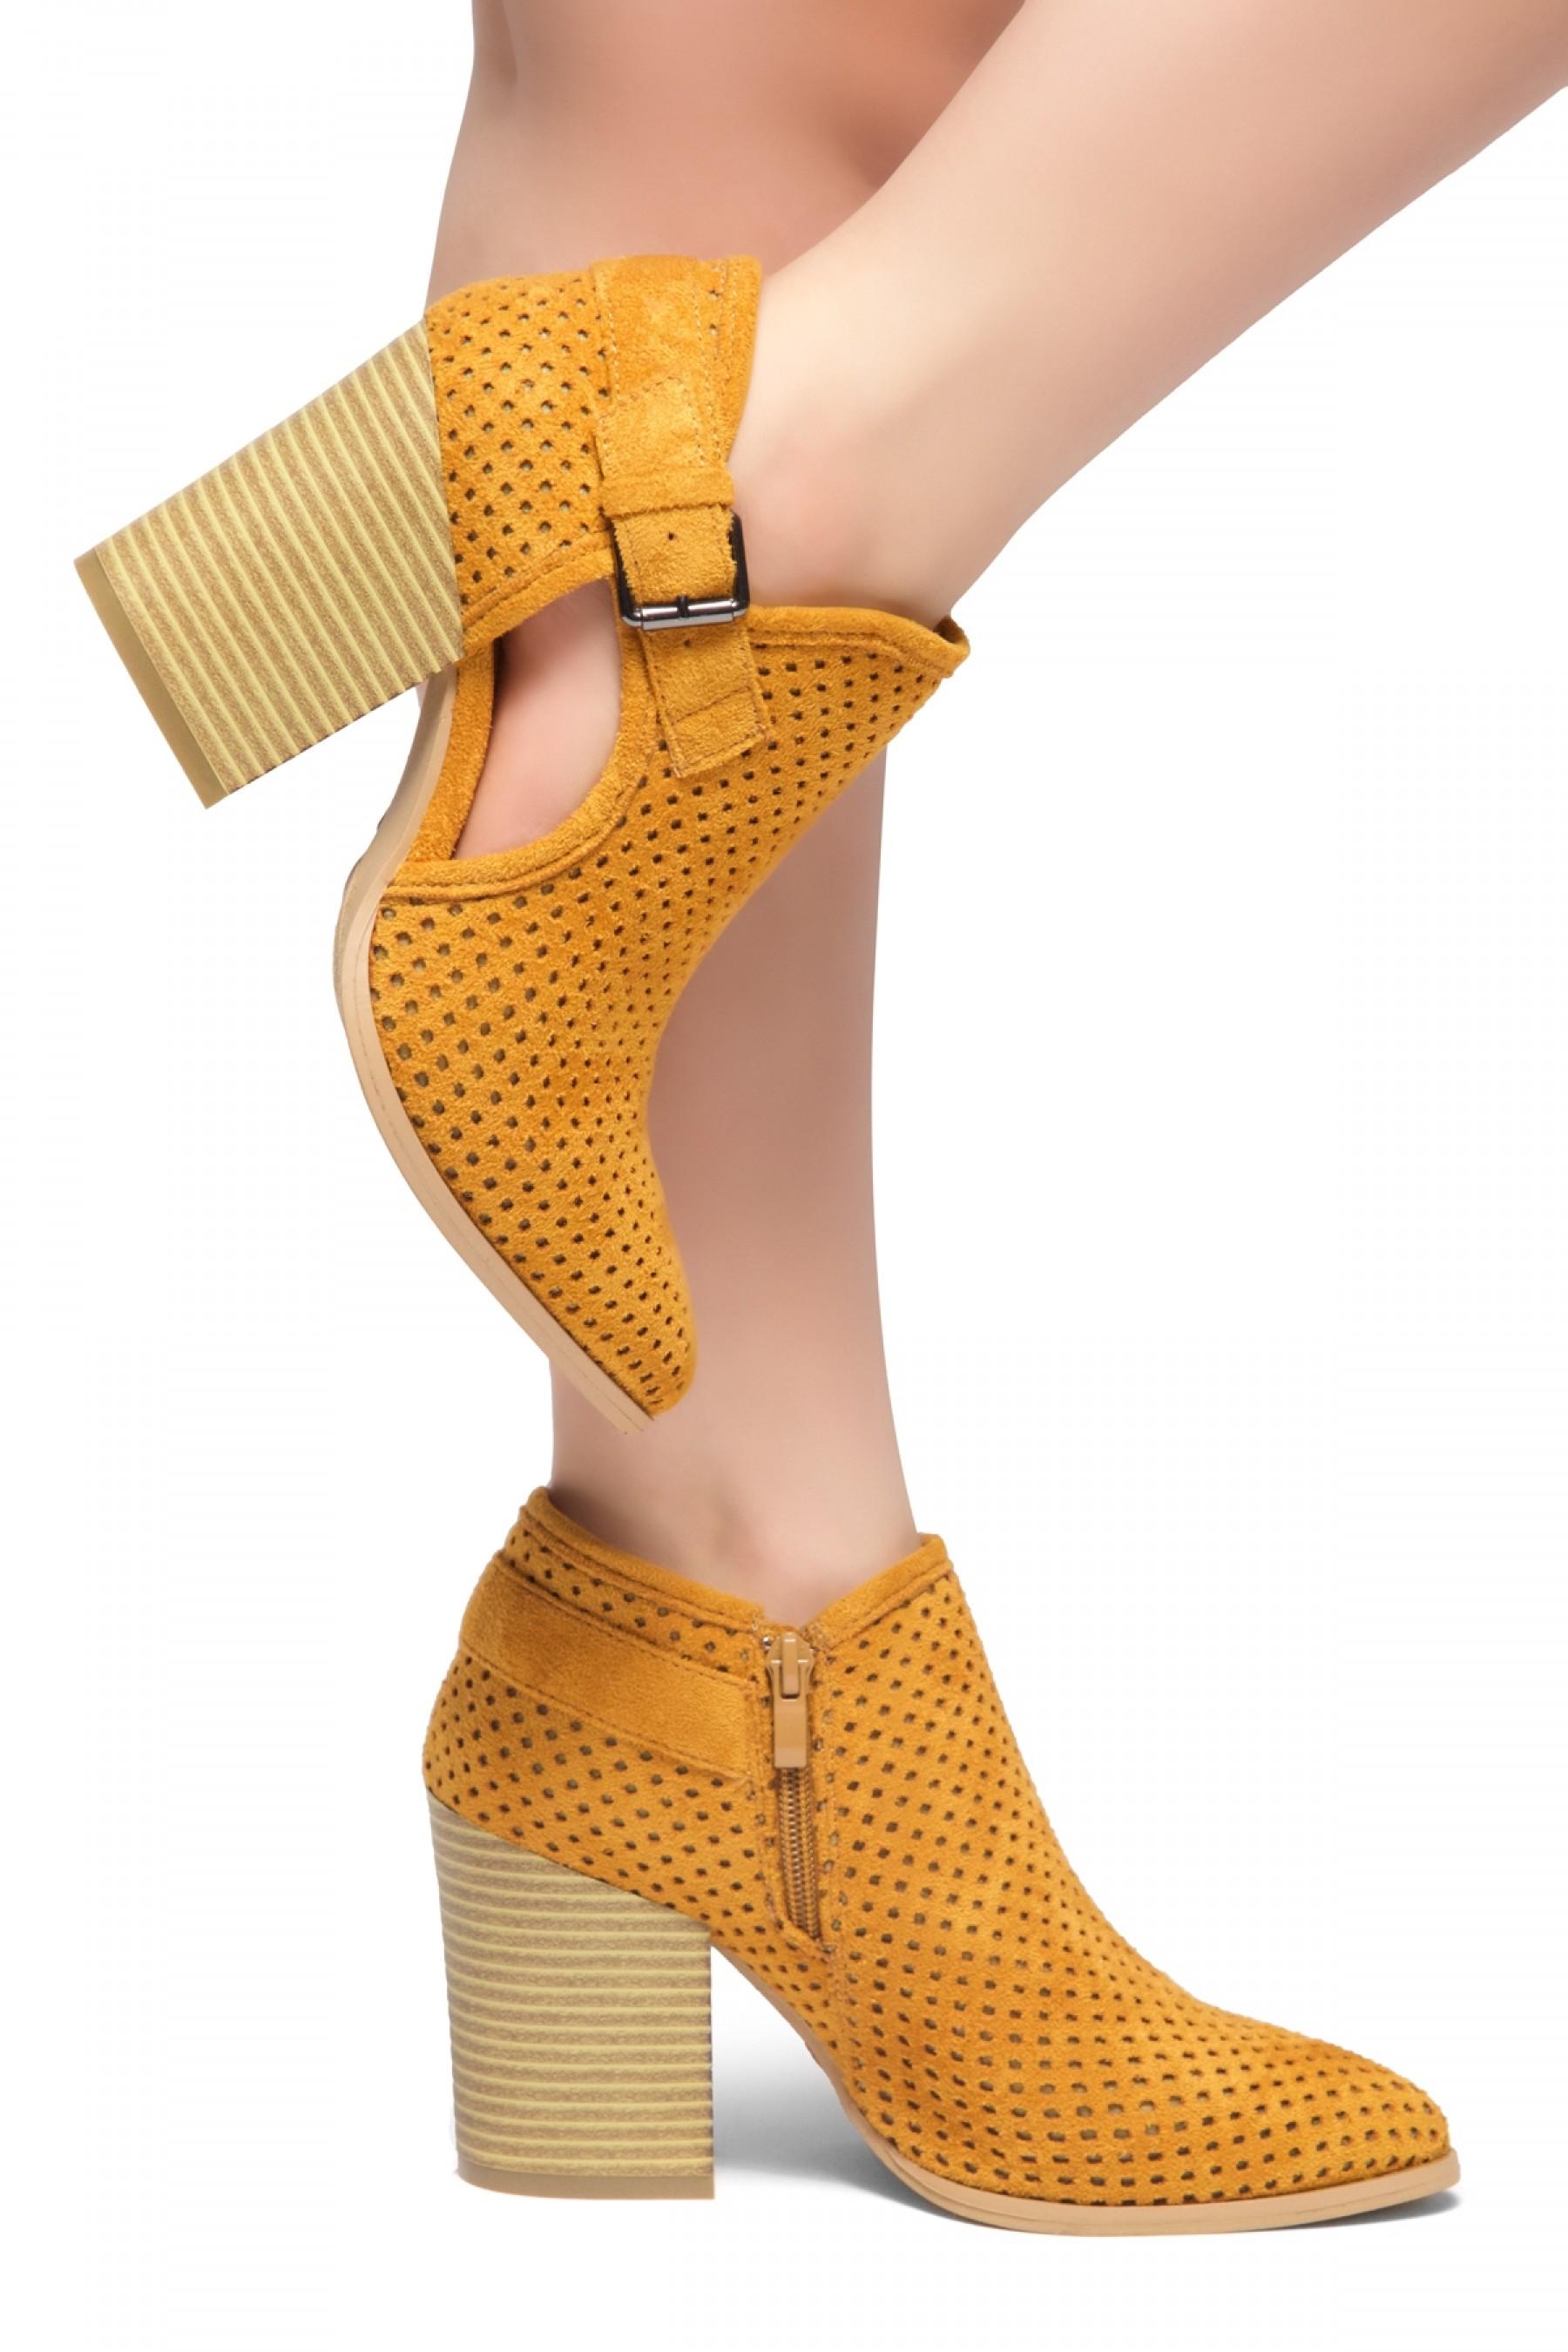 HerStyle NOMAD-Stacked Heel Almond Toe Booties (Cognac)